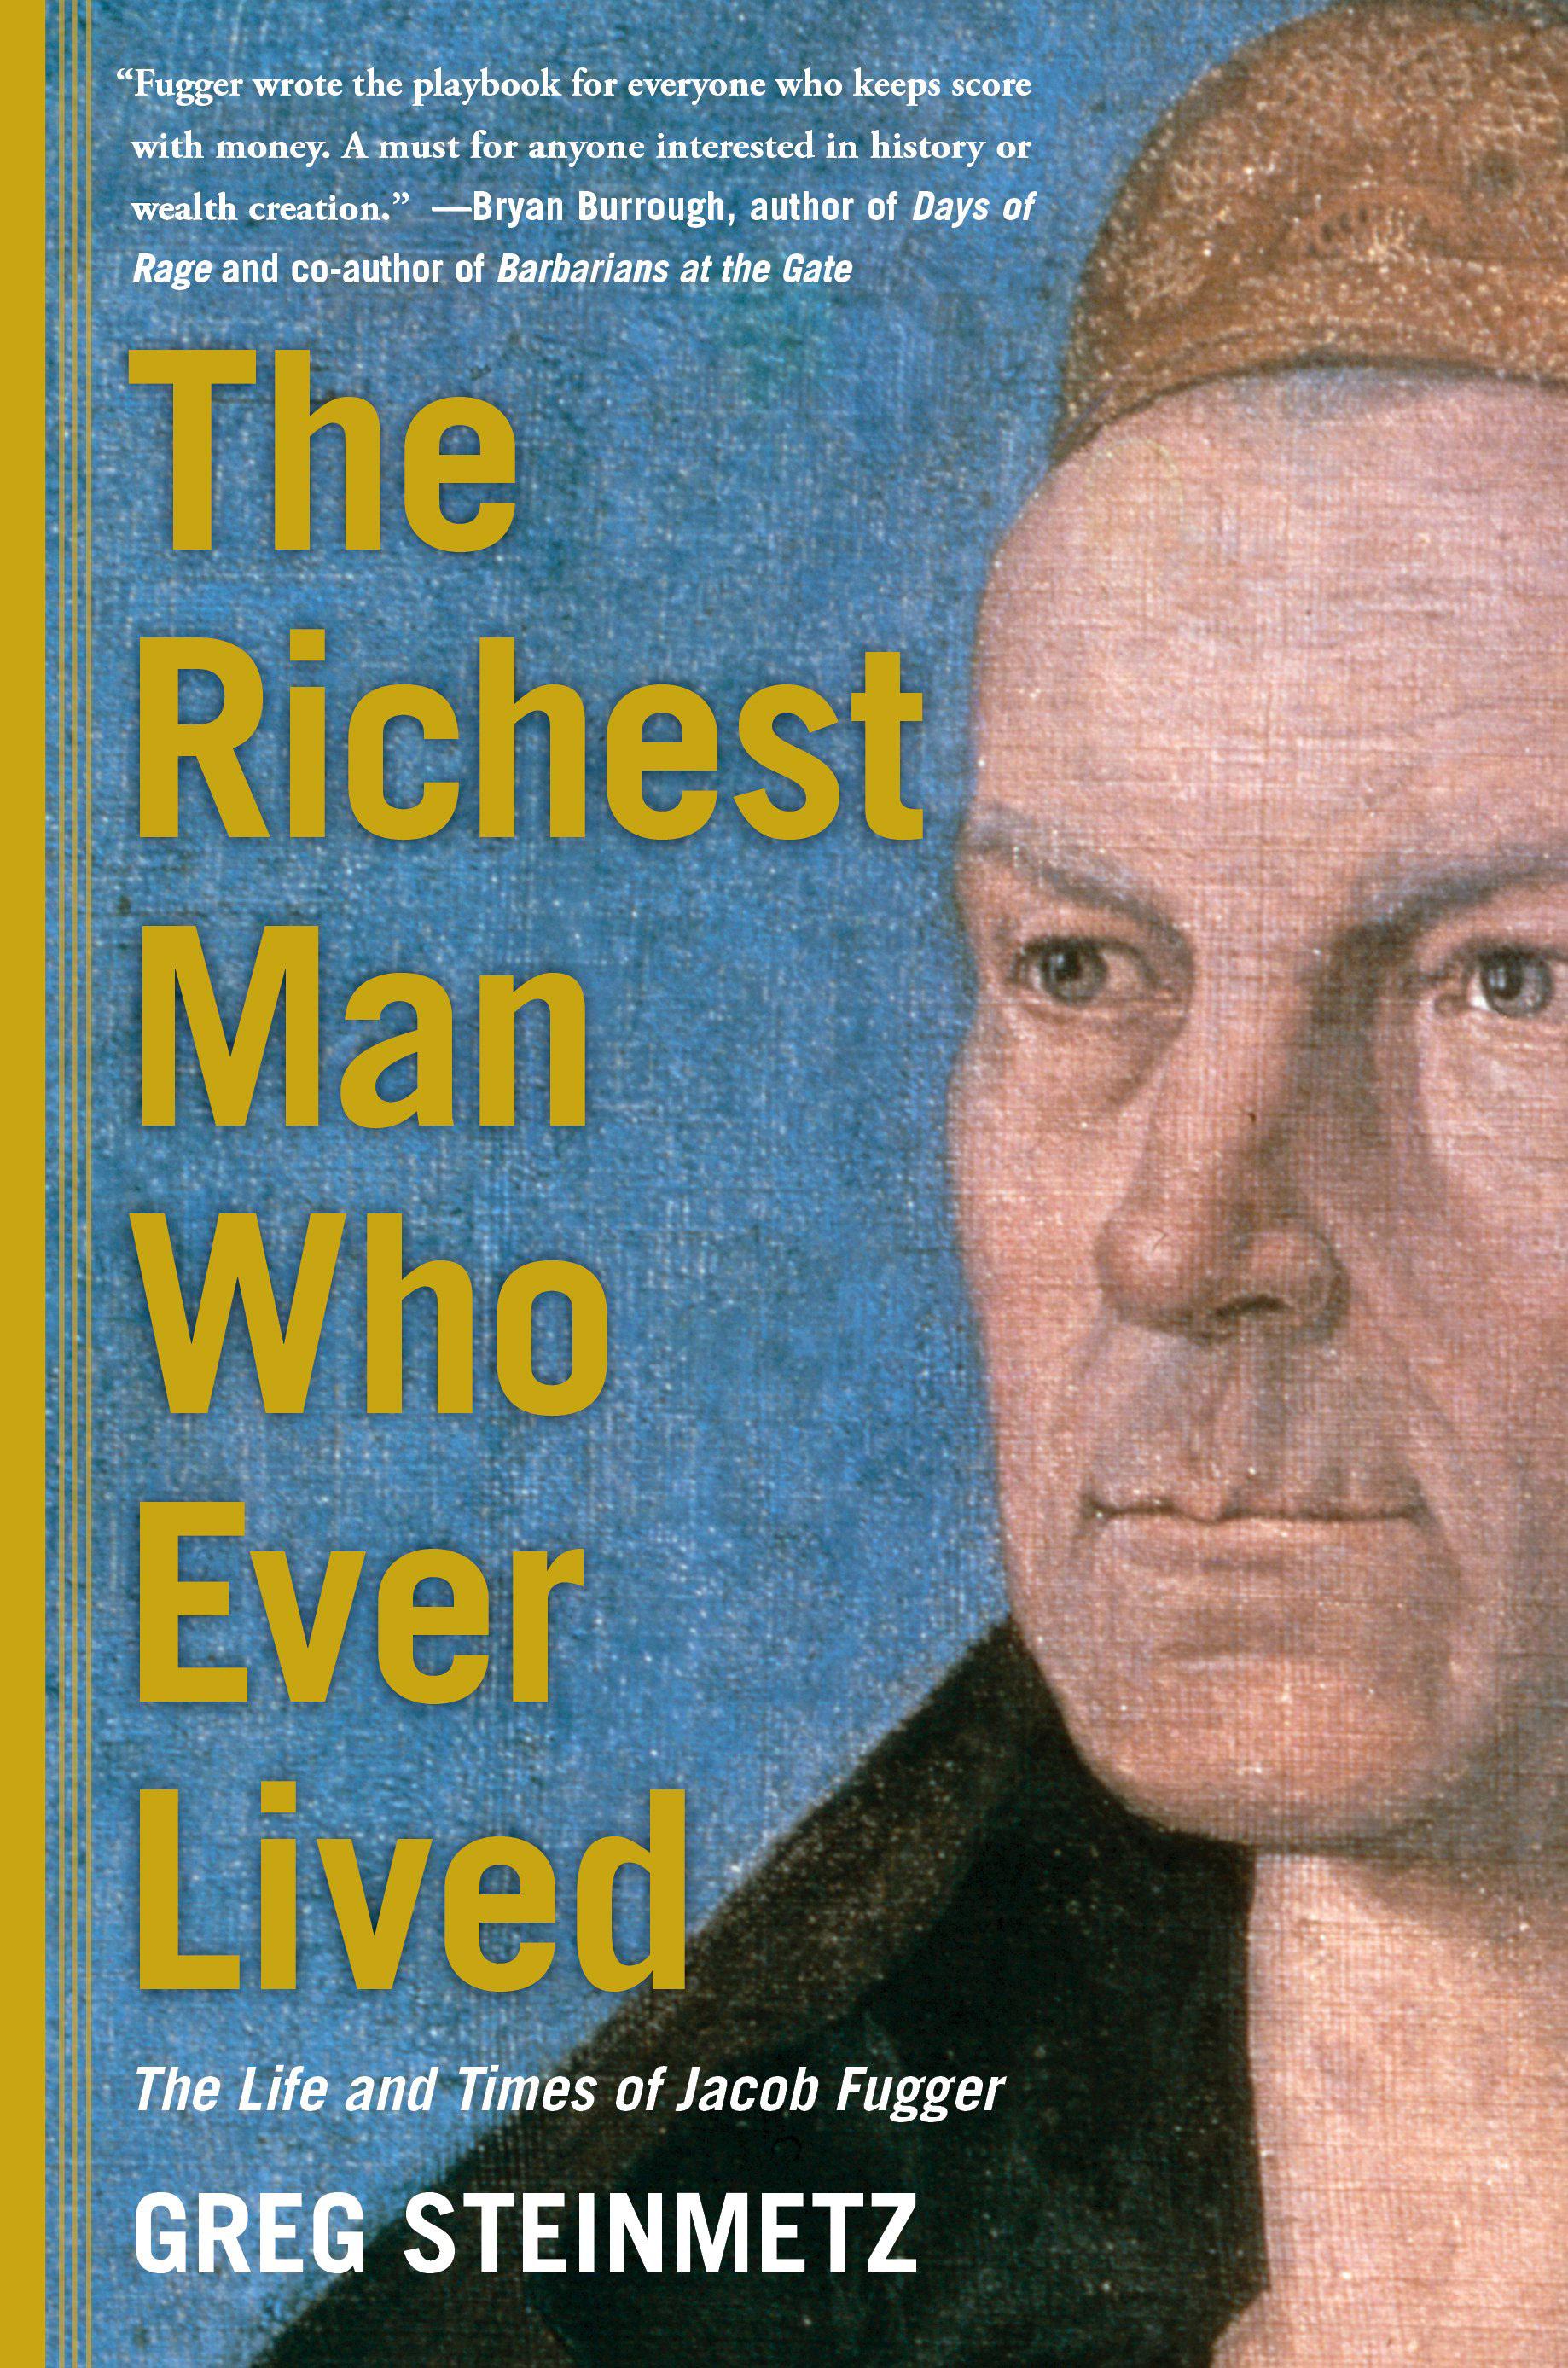 """หน้าปกของหนังสือเกร็กสไตน์เมตซ์ """"คนที่ร่ำรวยที่สุดที่เคยมีชีวิตอยู่"""" ถูกมองว่าเป็นผู้จัดพิมพ์โดย Simon & Schuster REUTERS / Simon & Schuster / เอกสารแจกผ่าน Reuters"""